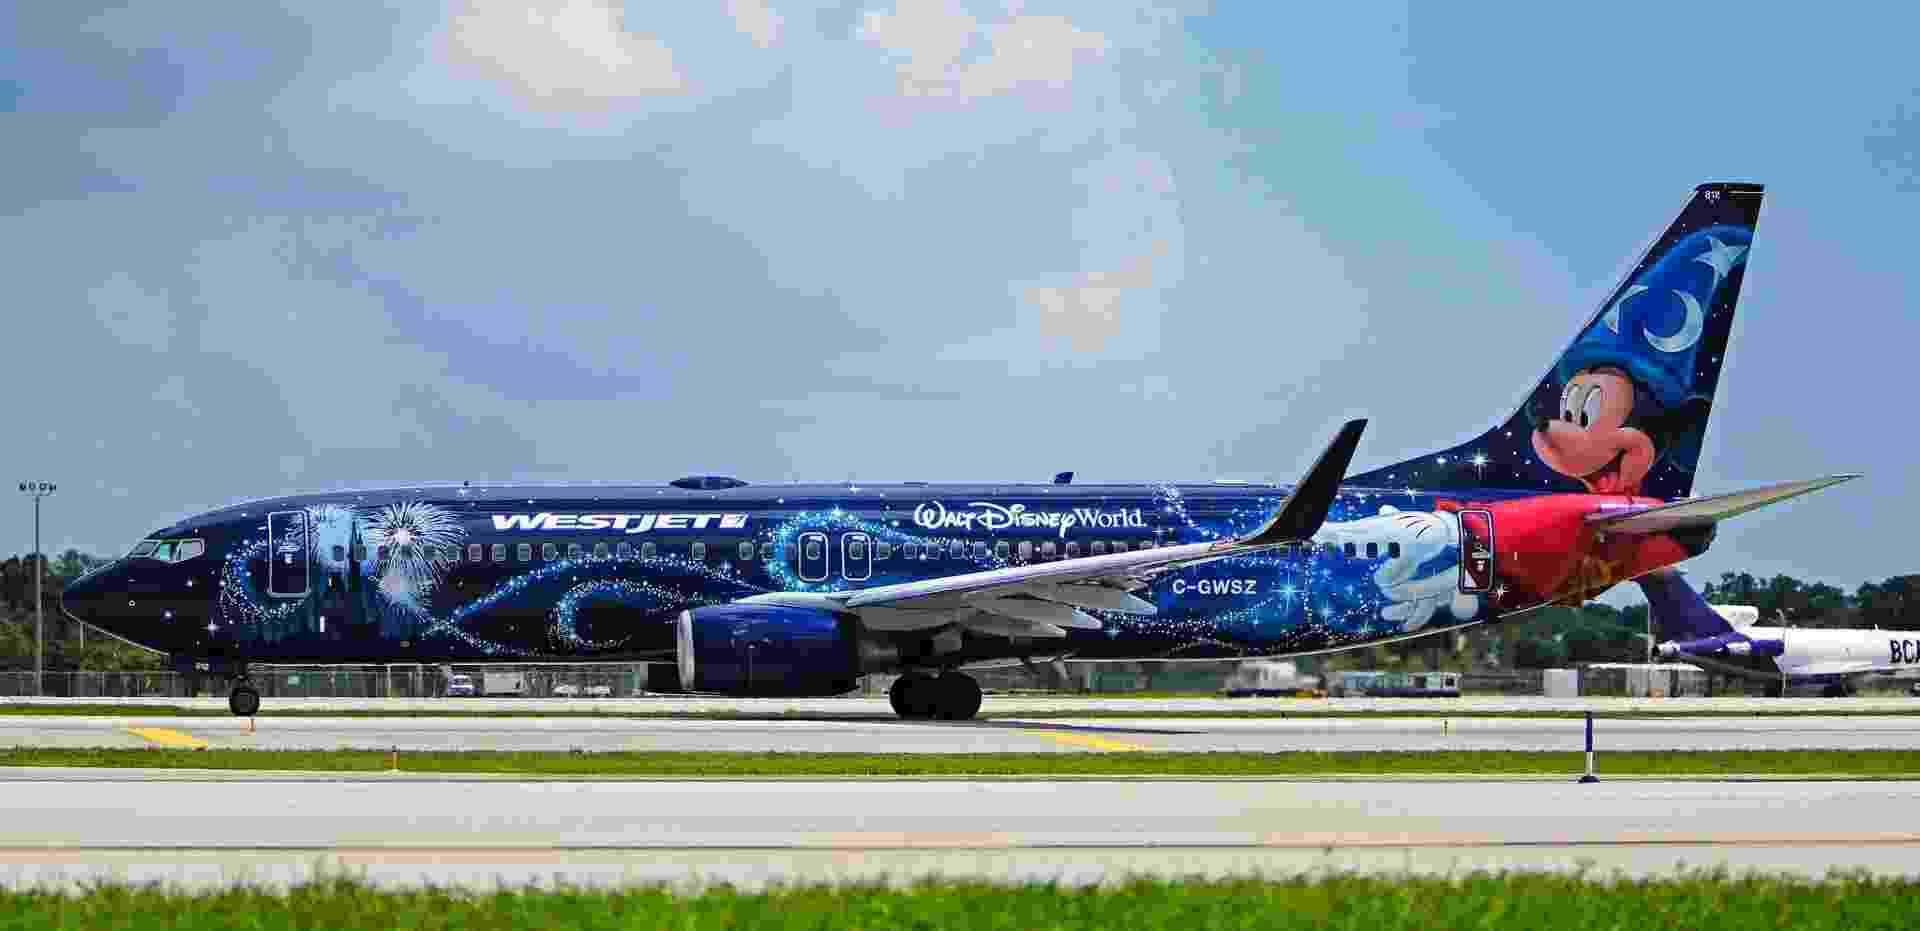 """Mais um da Disney: aqui, o avião da WestJet traz Mickey Mouse no papel de feiticeiro no filme """"Fantasia"""" - JT Occhialini/Flickr"""